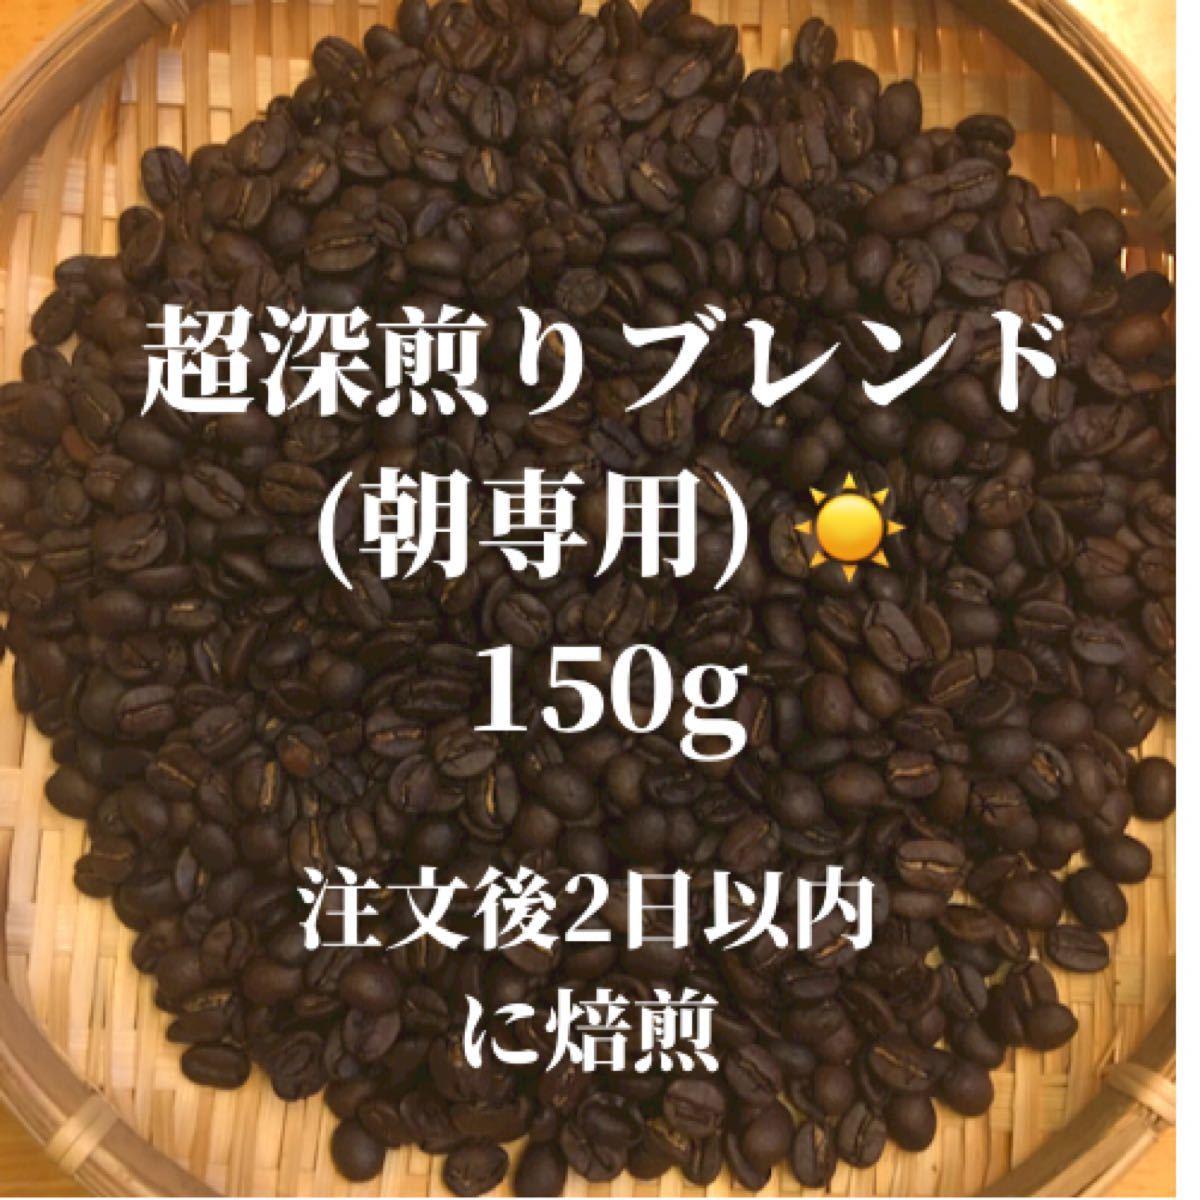 自家焙煎  超深煎りブレンド  (朝専用)150g(豆又は粉)匿名配送